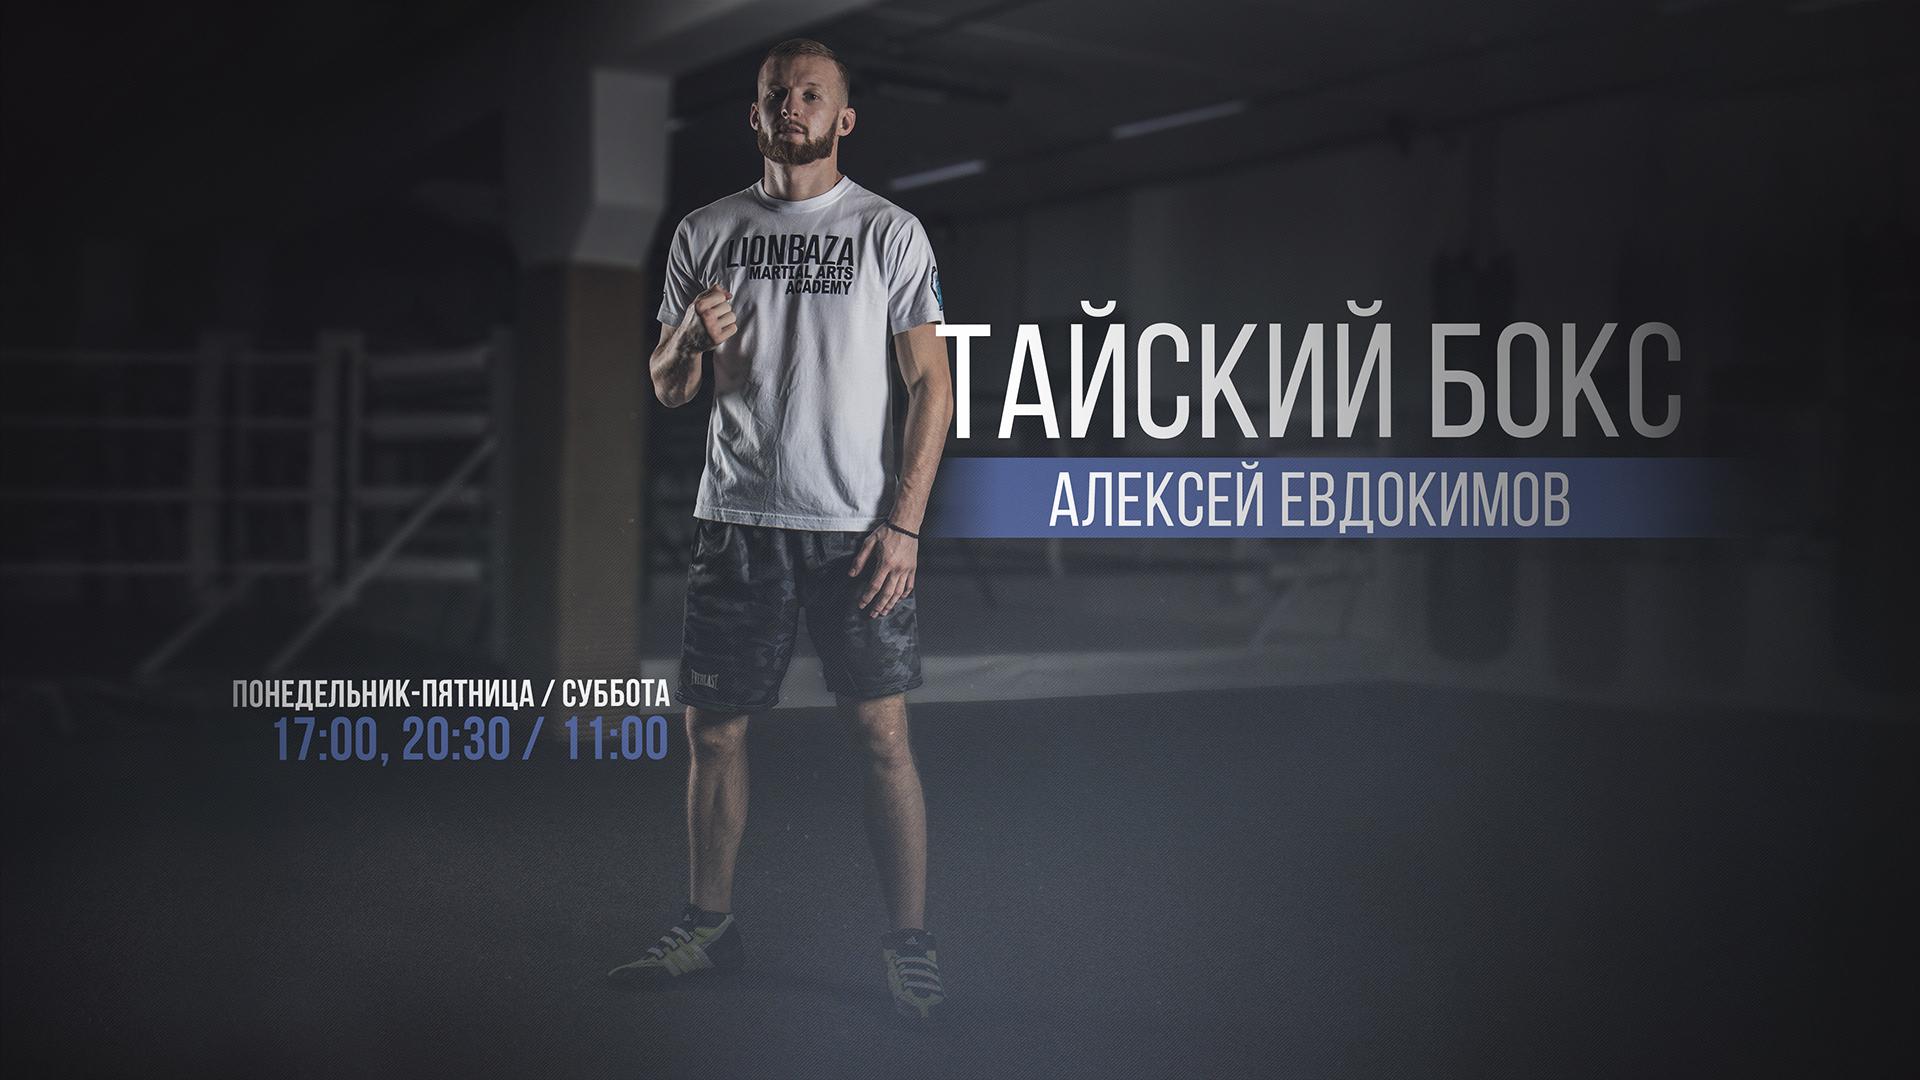 Тайский Бокс (Евдокимов) 19